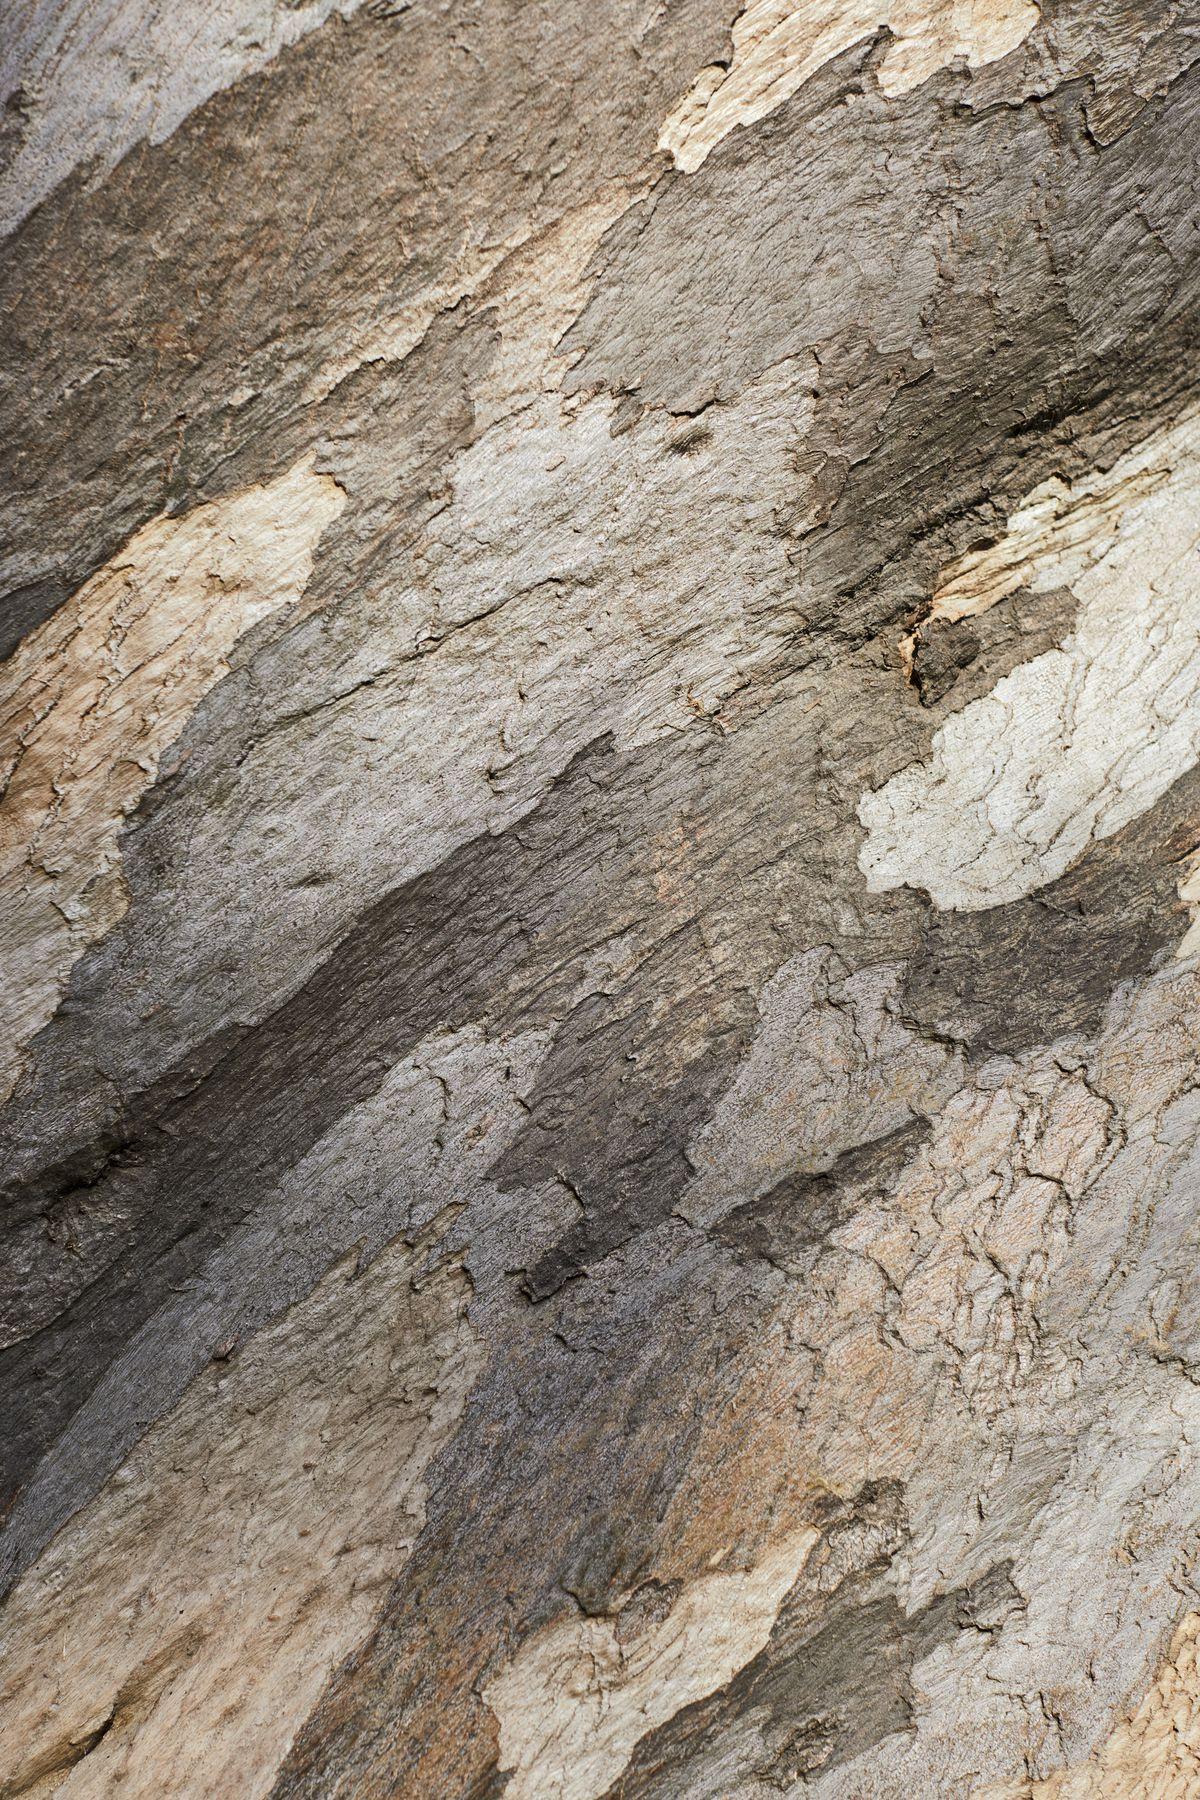 A close up view of eucalyptus tree bark.